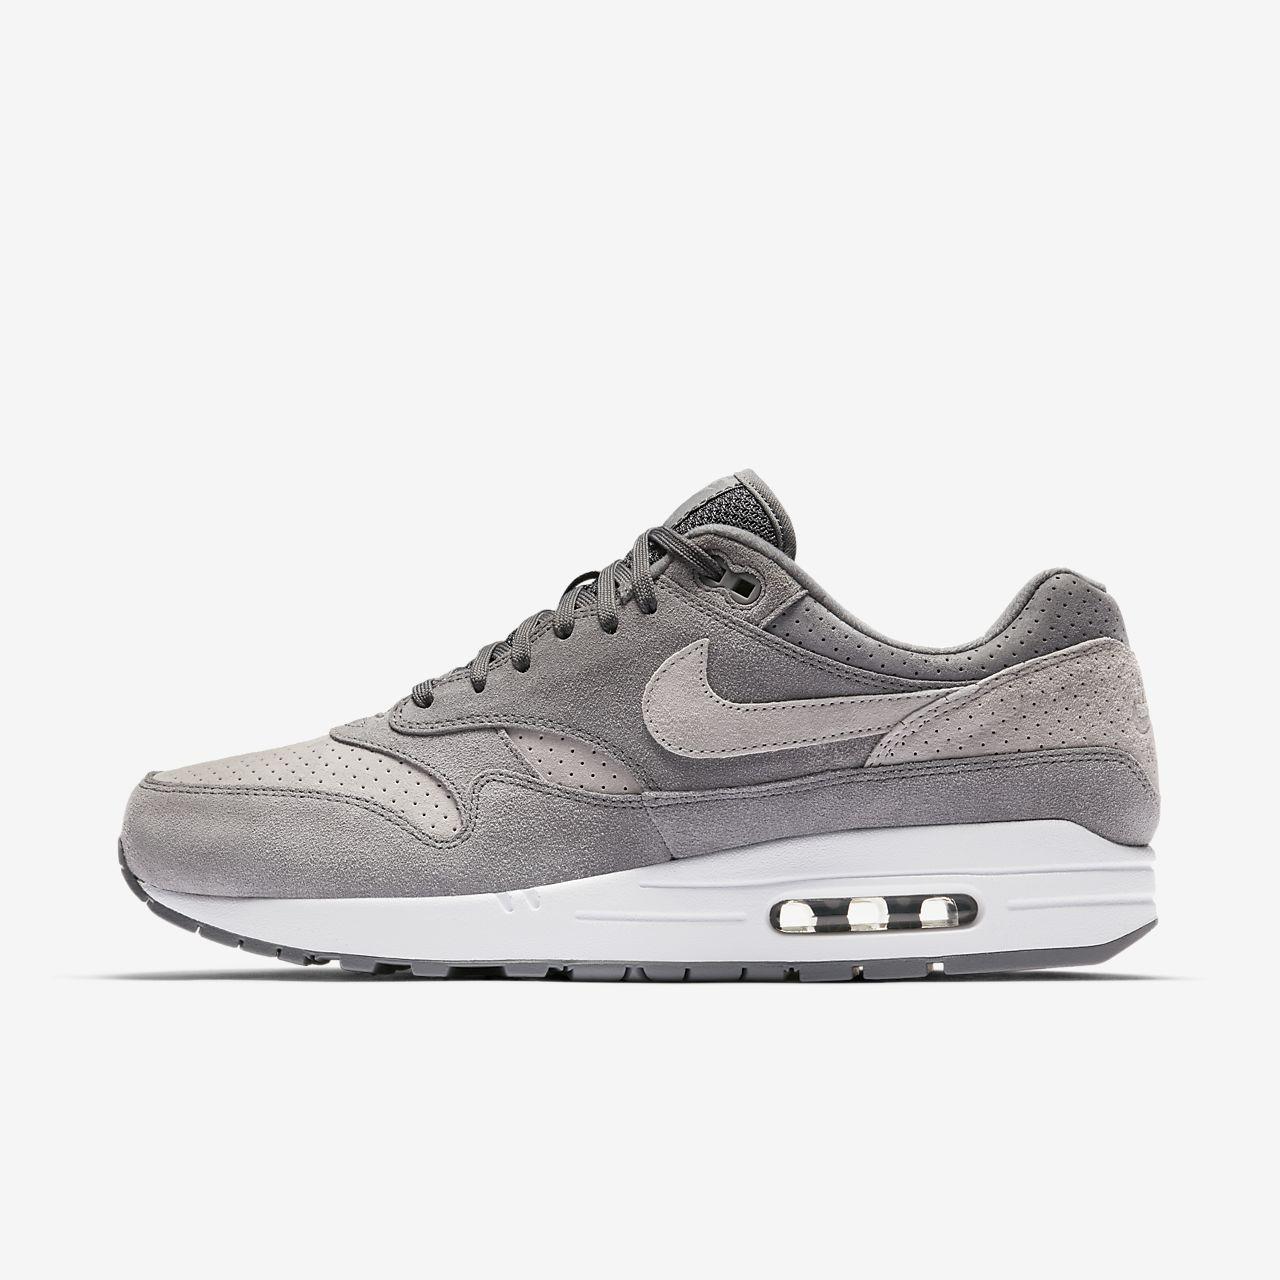 ... Chaussure Nike Air Max 1 Premium pour Homme